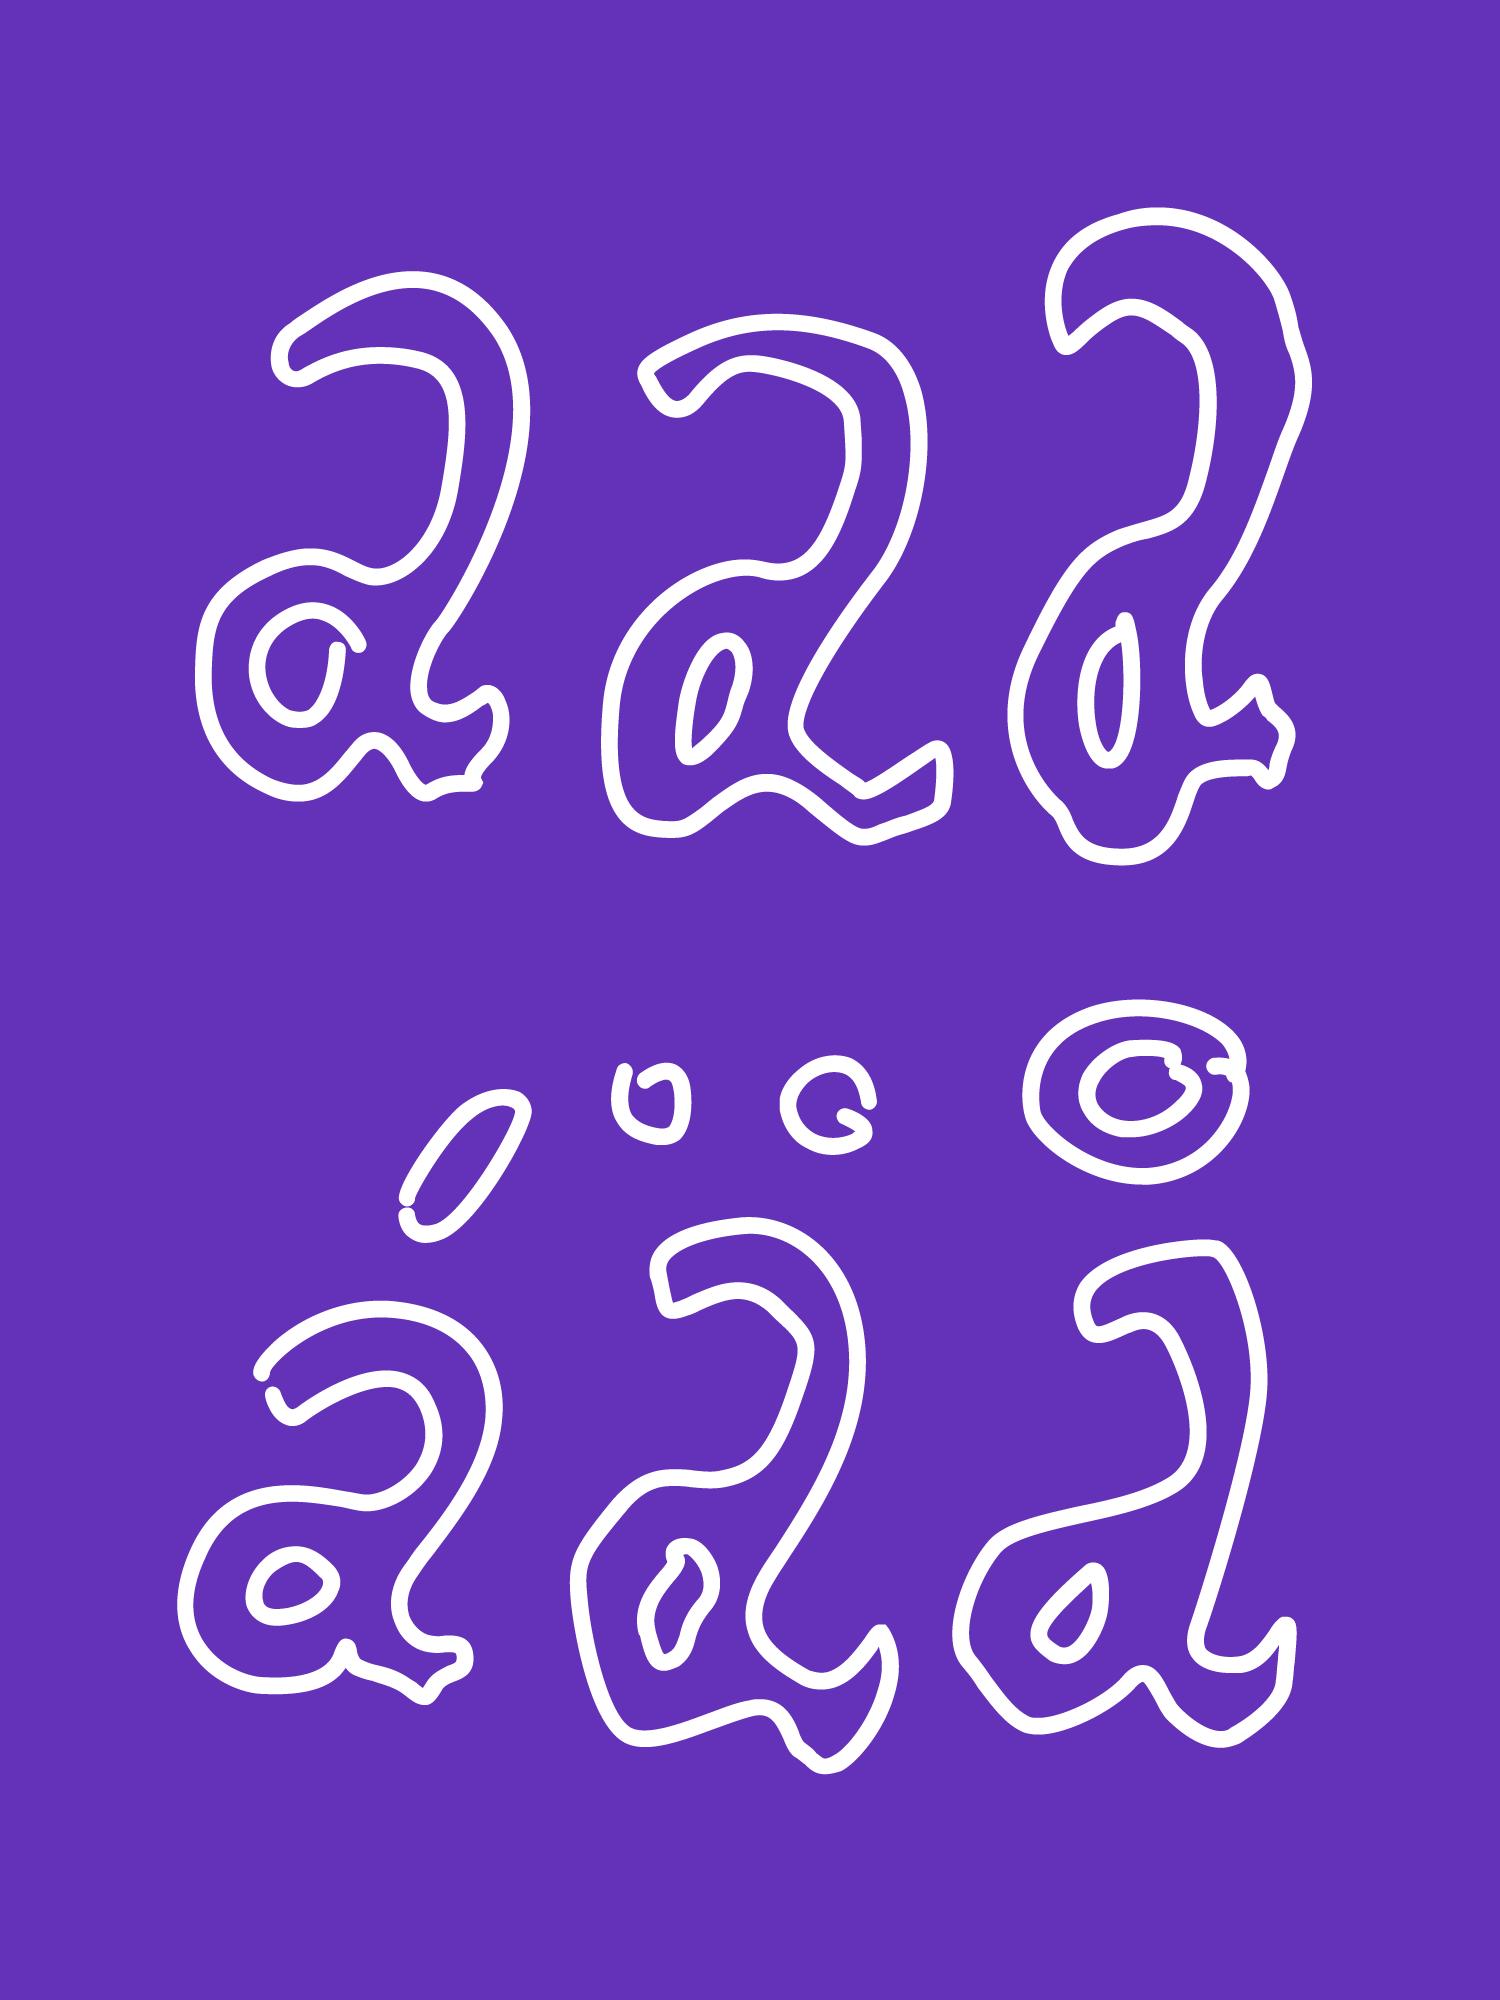 Katarzia-03.png